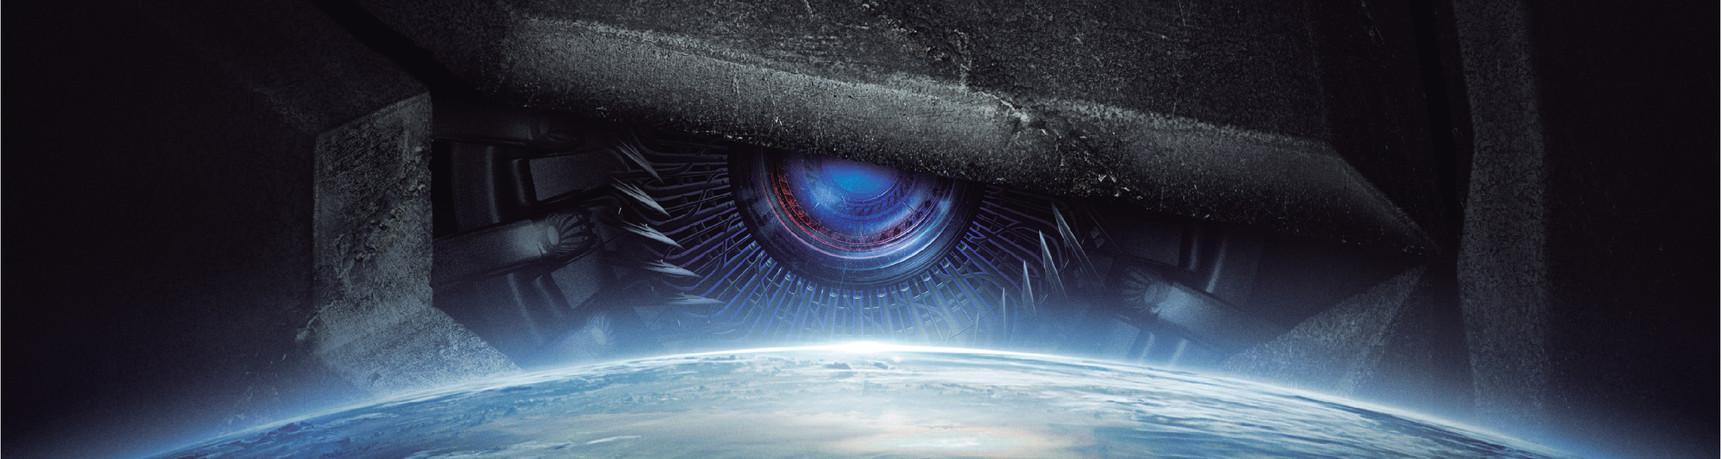 eye-01.jpg